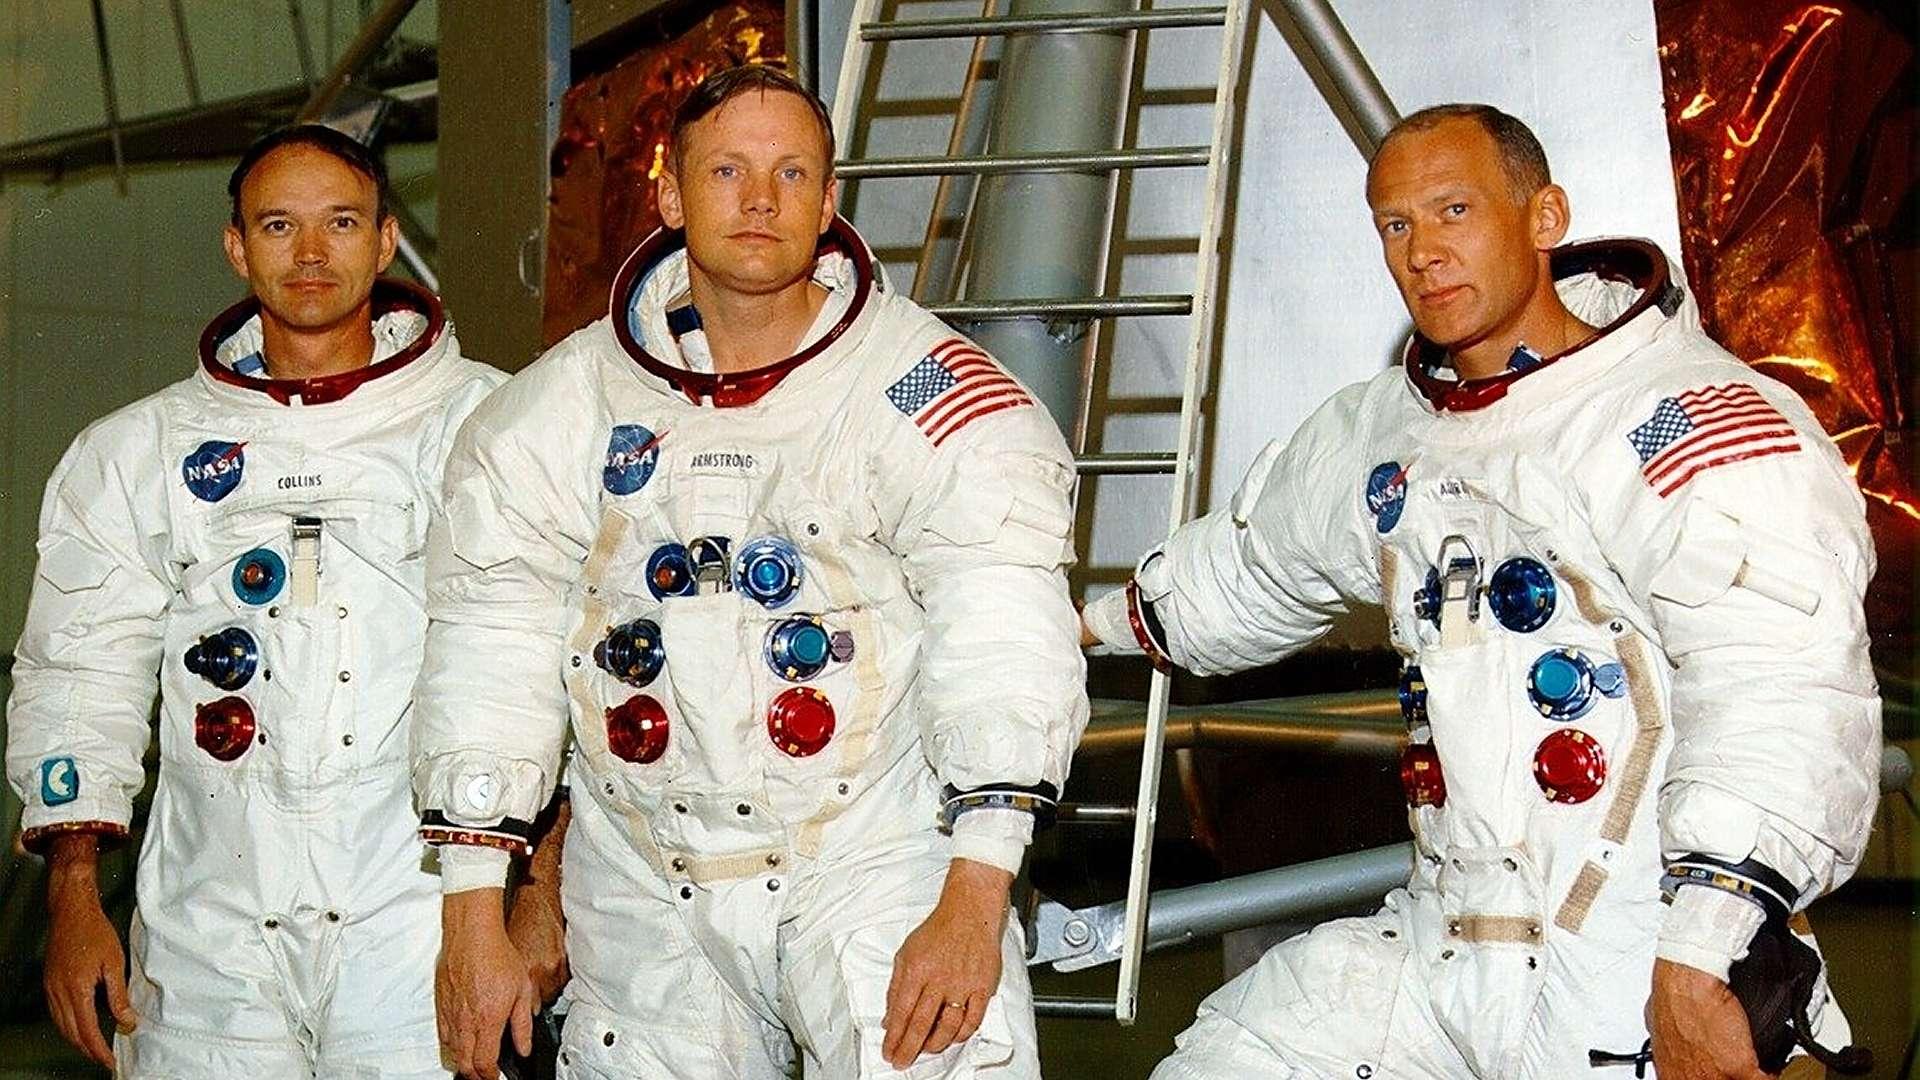 Les trois hommes formant l'équipage d'Apollo 11 prennent la pause devant une reconstitution d'un module lunaire (LEM). De gauche à droite : Michael Collins, Neil Armstrong et Buzz Aldrin. © Images Nasa/JSC, Retraitements Olivier de Goursac - Tous droits réservés